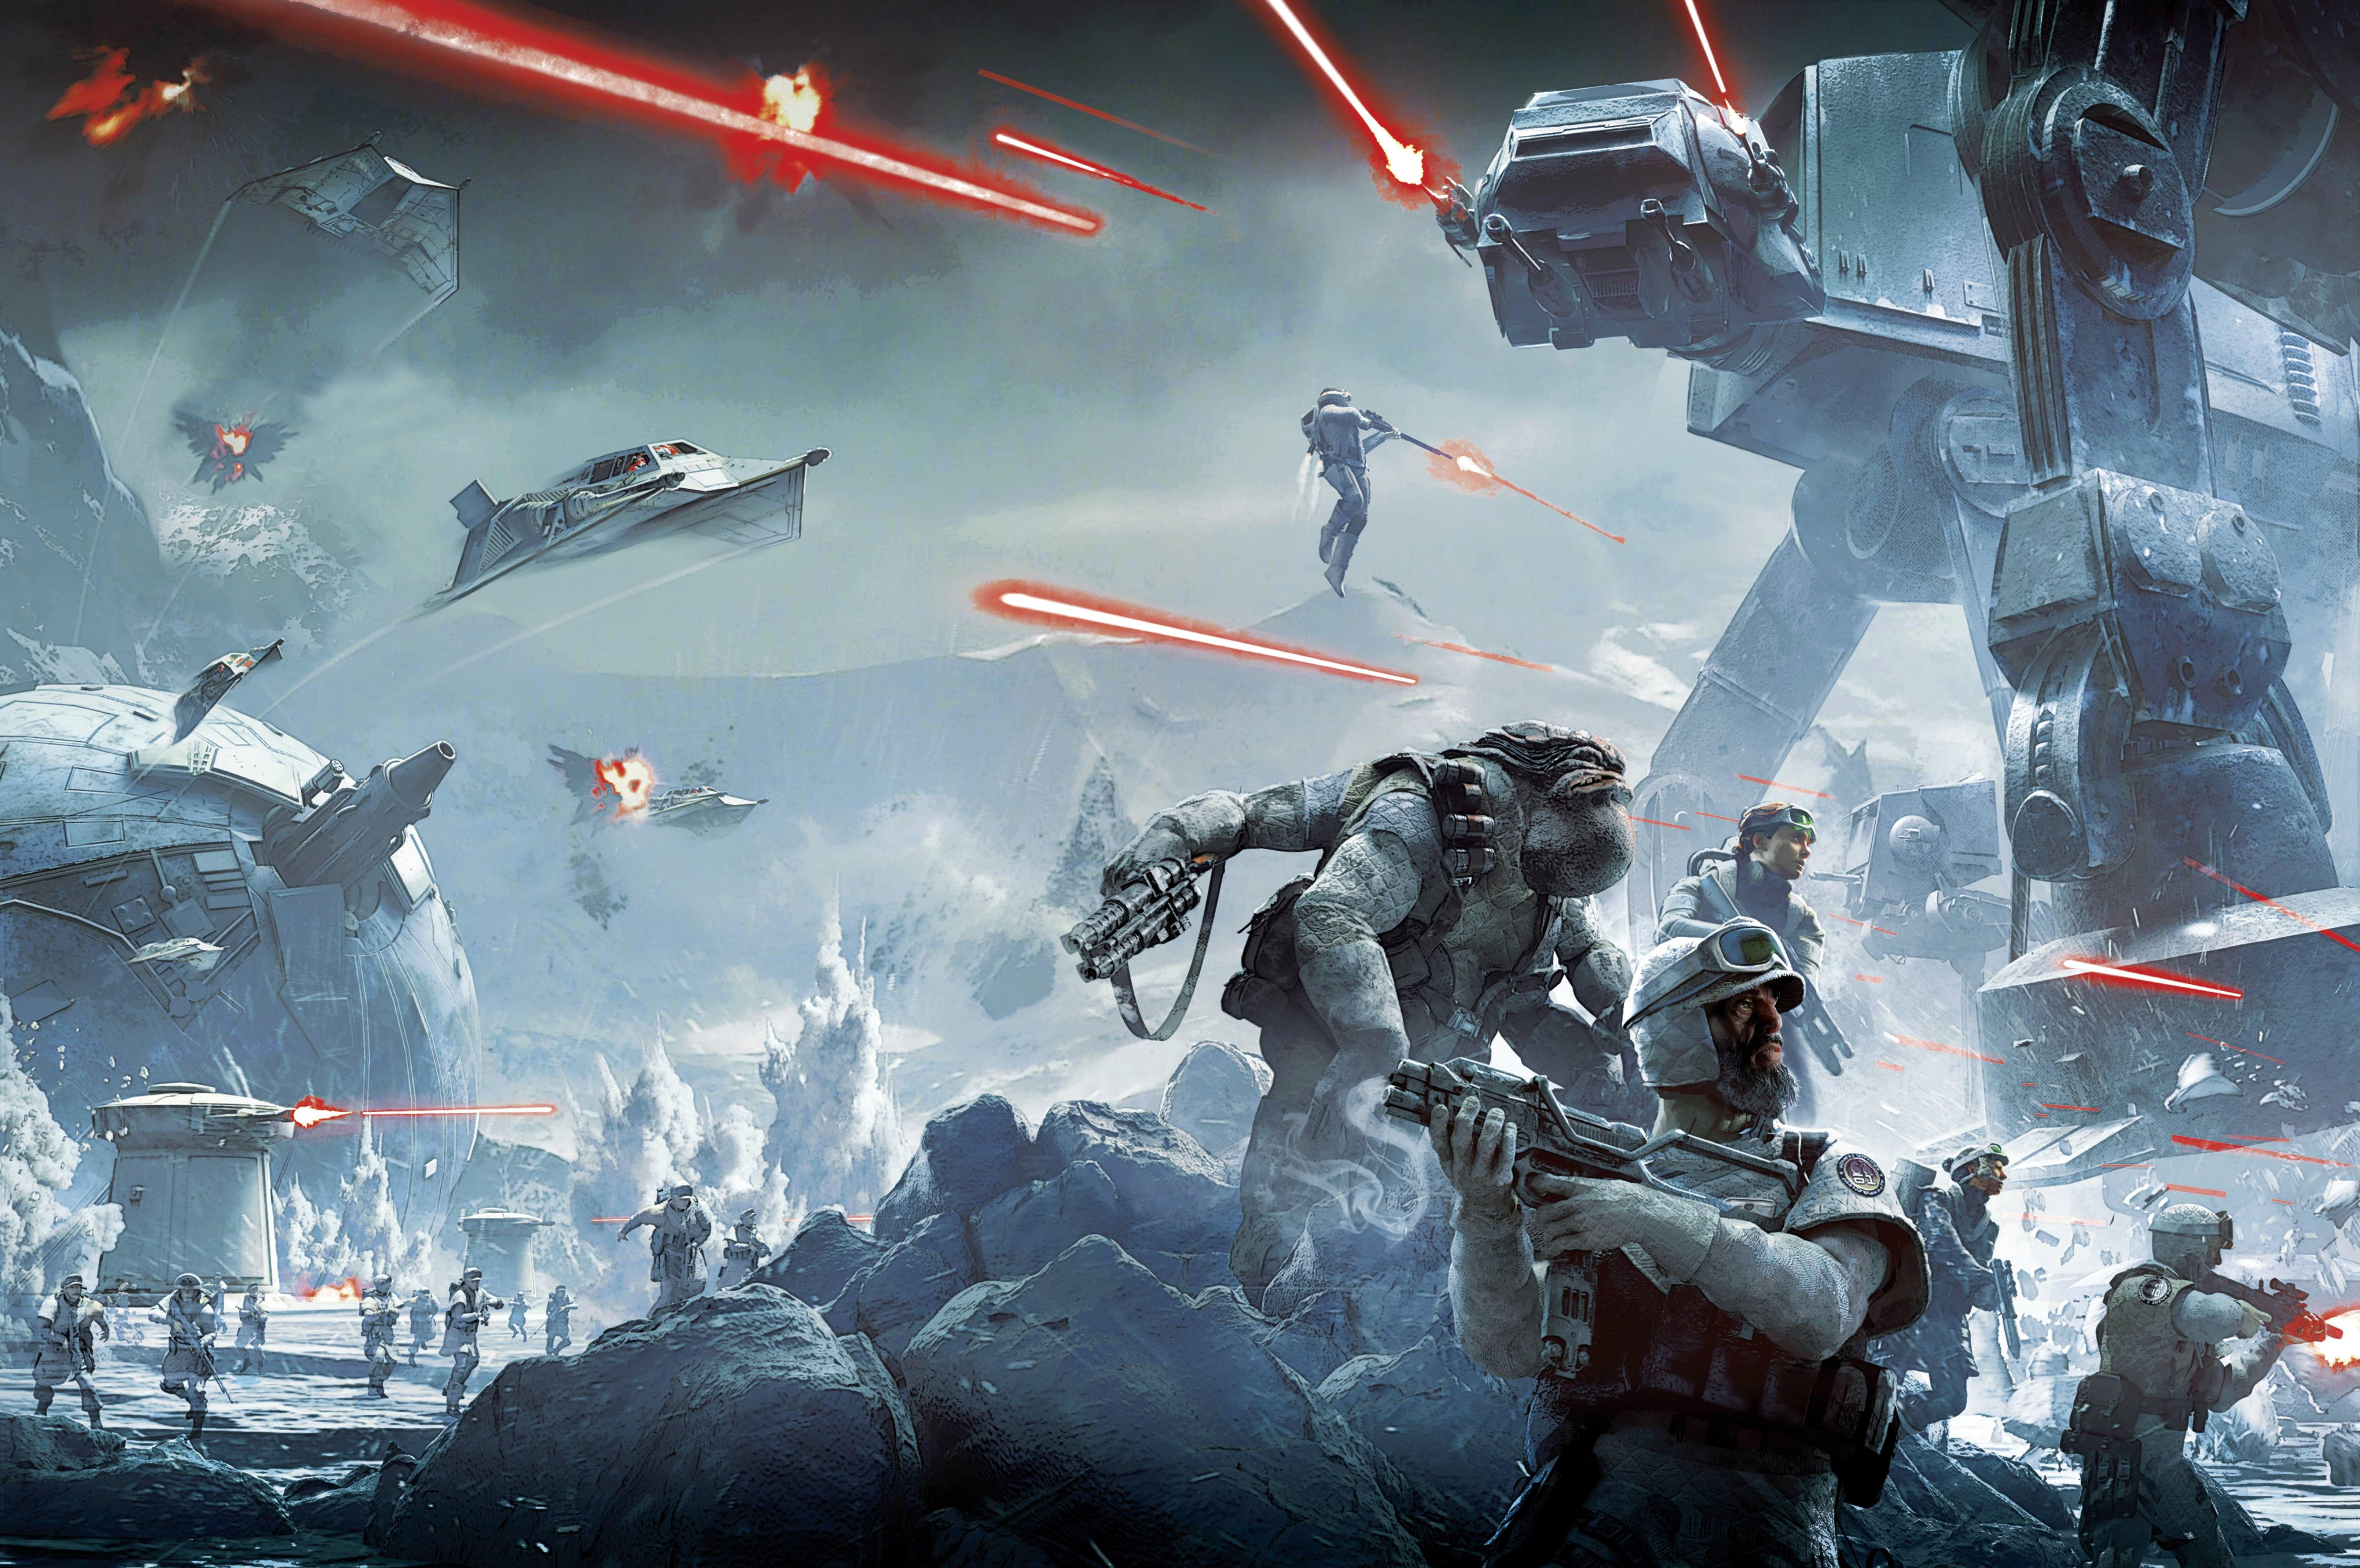 Star Wars Battle Wallpapers   Top Star Wars Battle 6437x4277